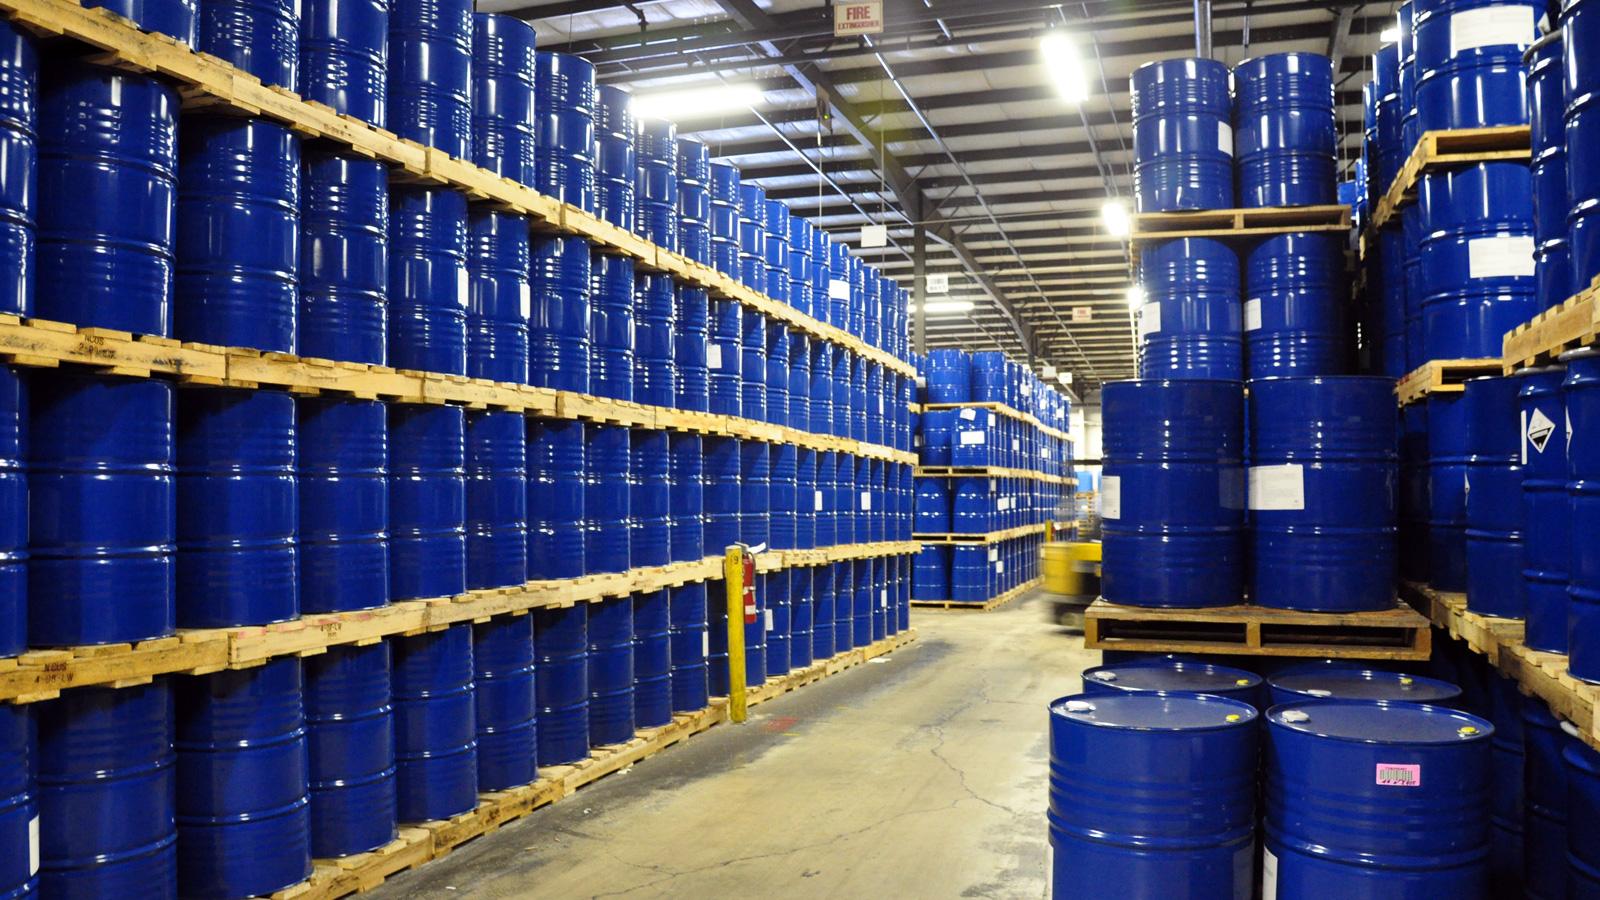 storage-drums